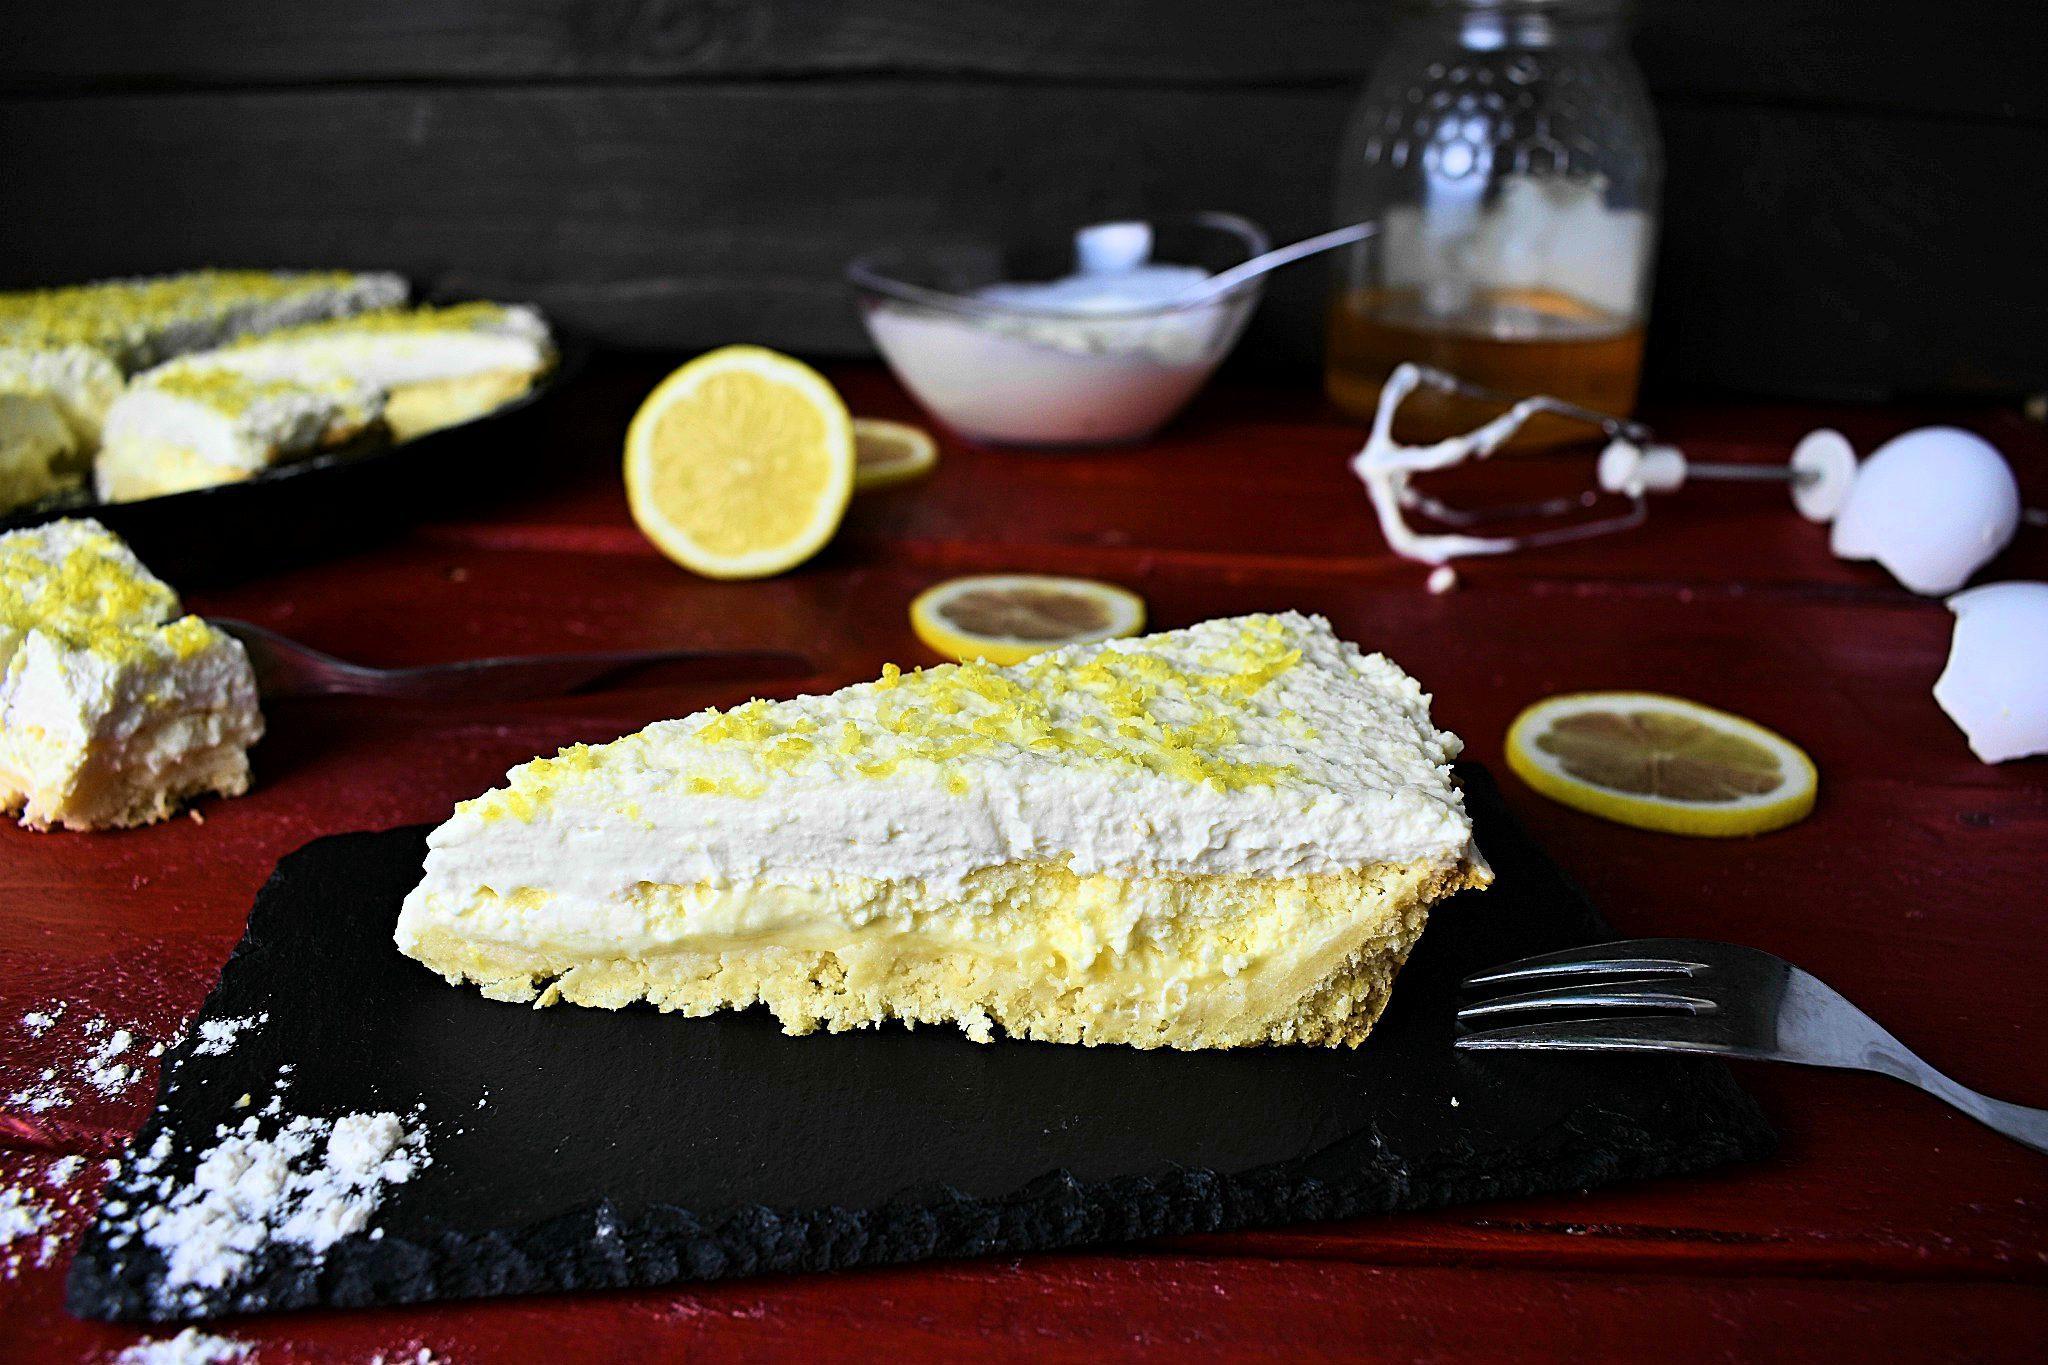 Sugar-free-lemon-cream-pie-5-SunCakeMom